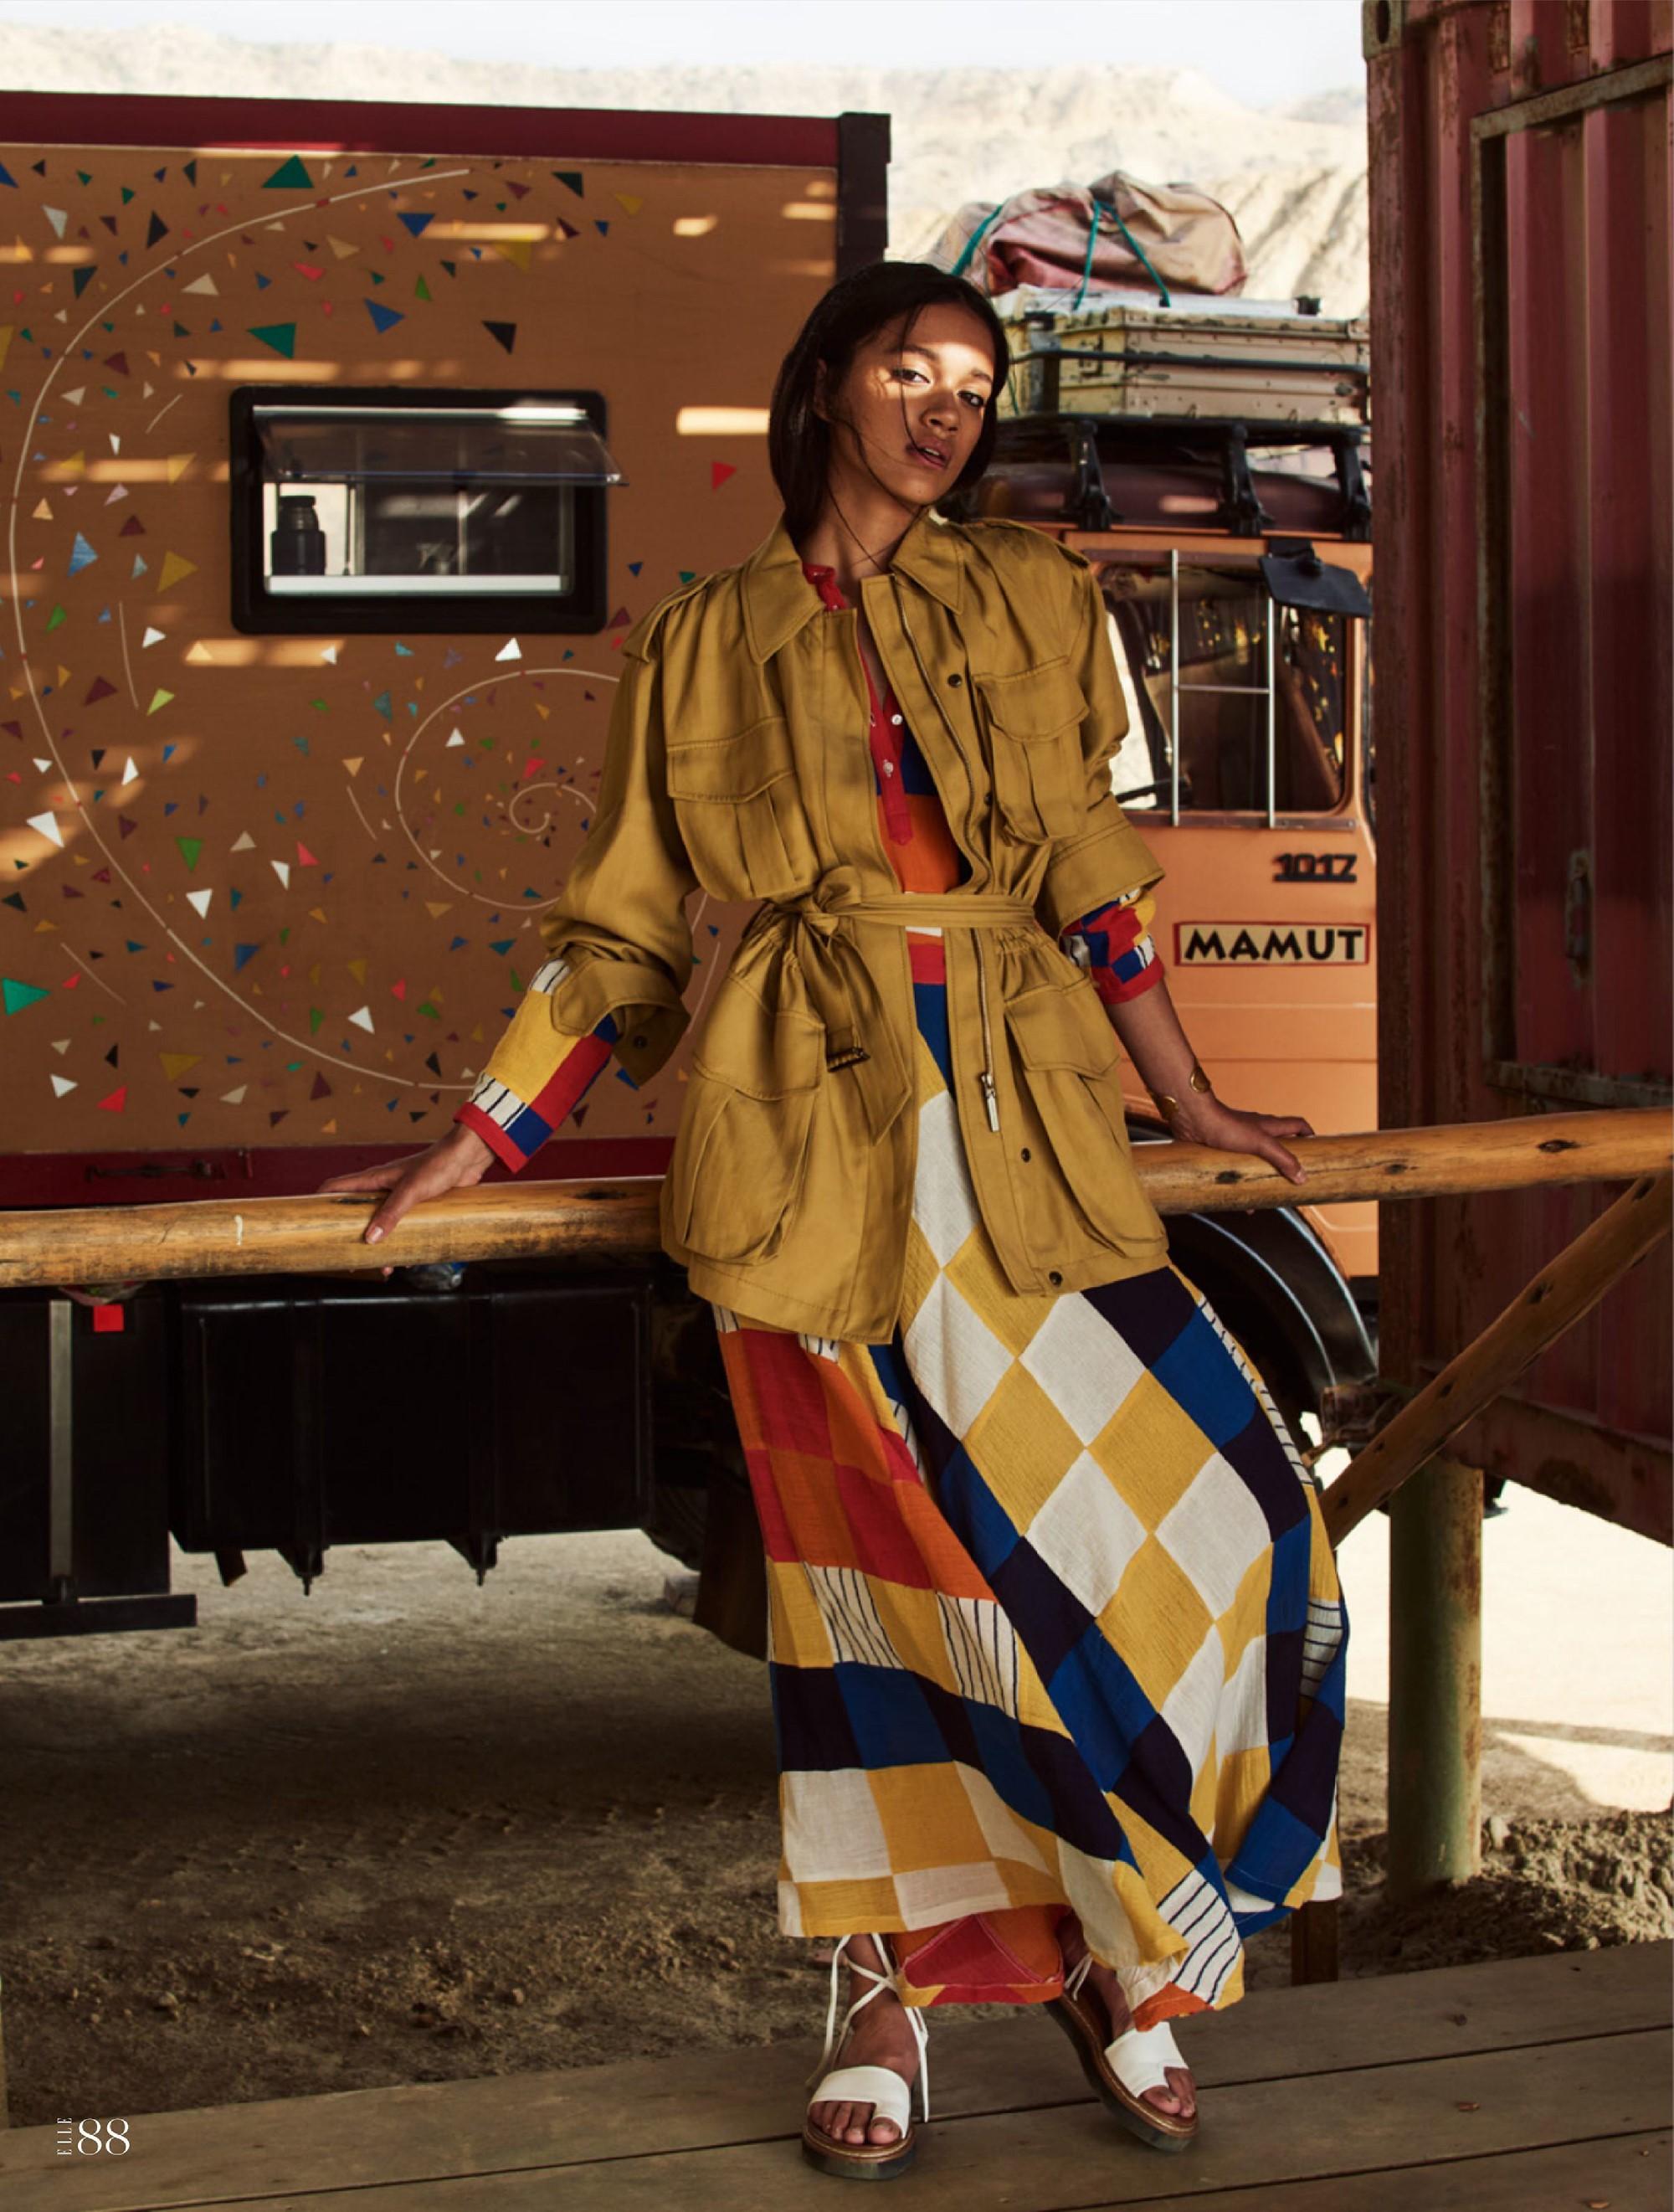 Mara Kasanpawiro by Jeroen Mantel for ELLE Netherlands (8).jpg